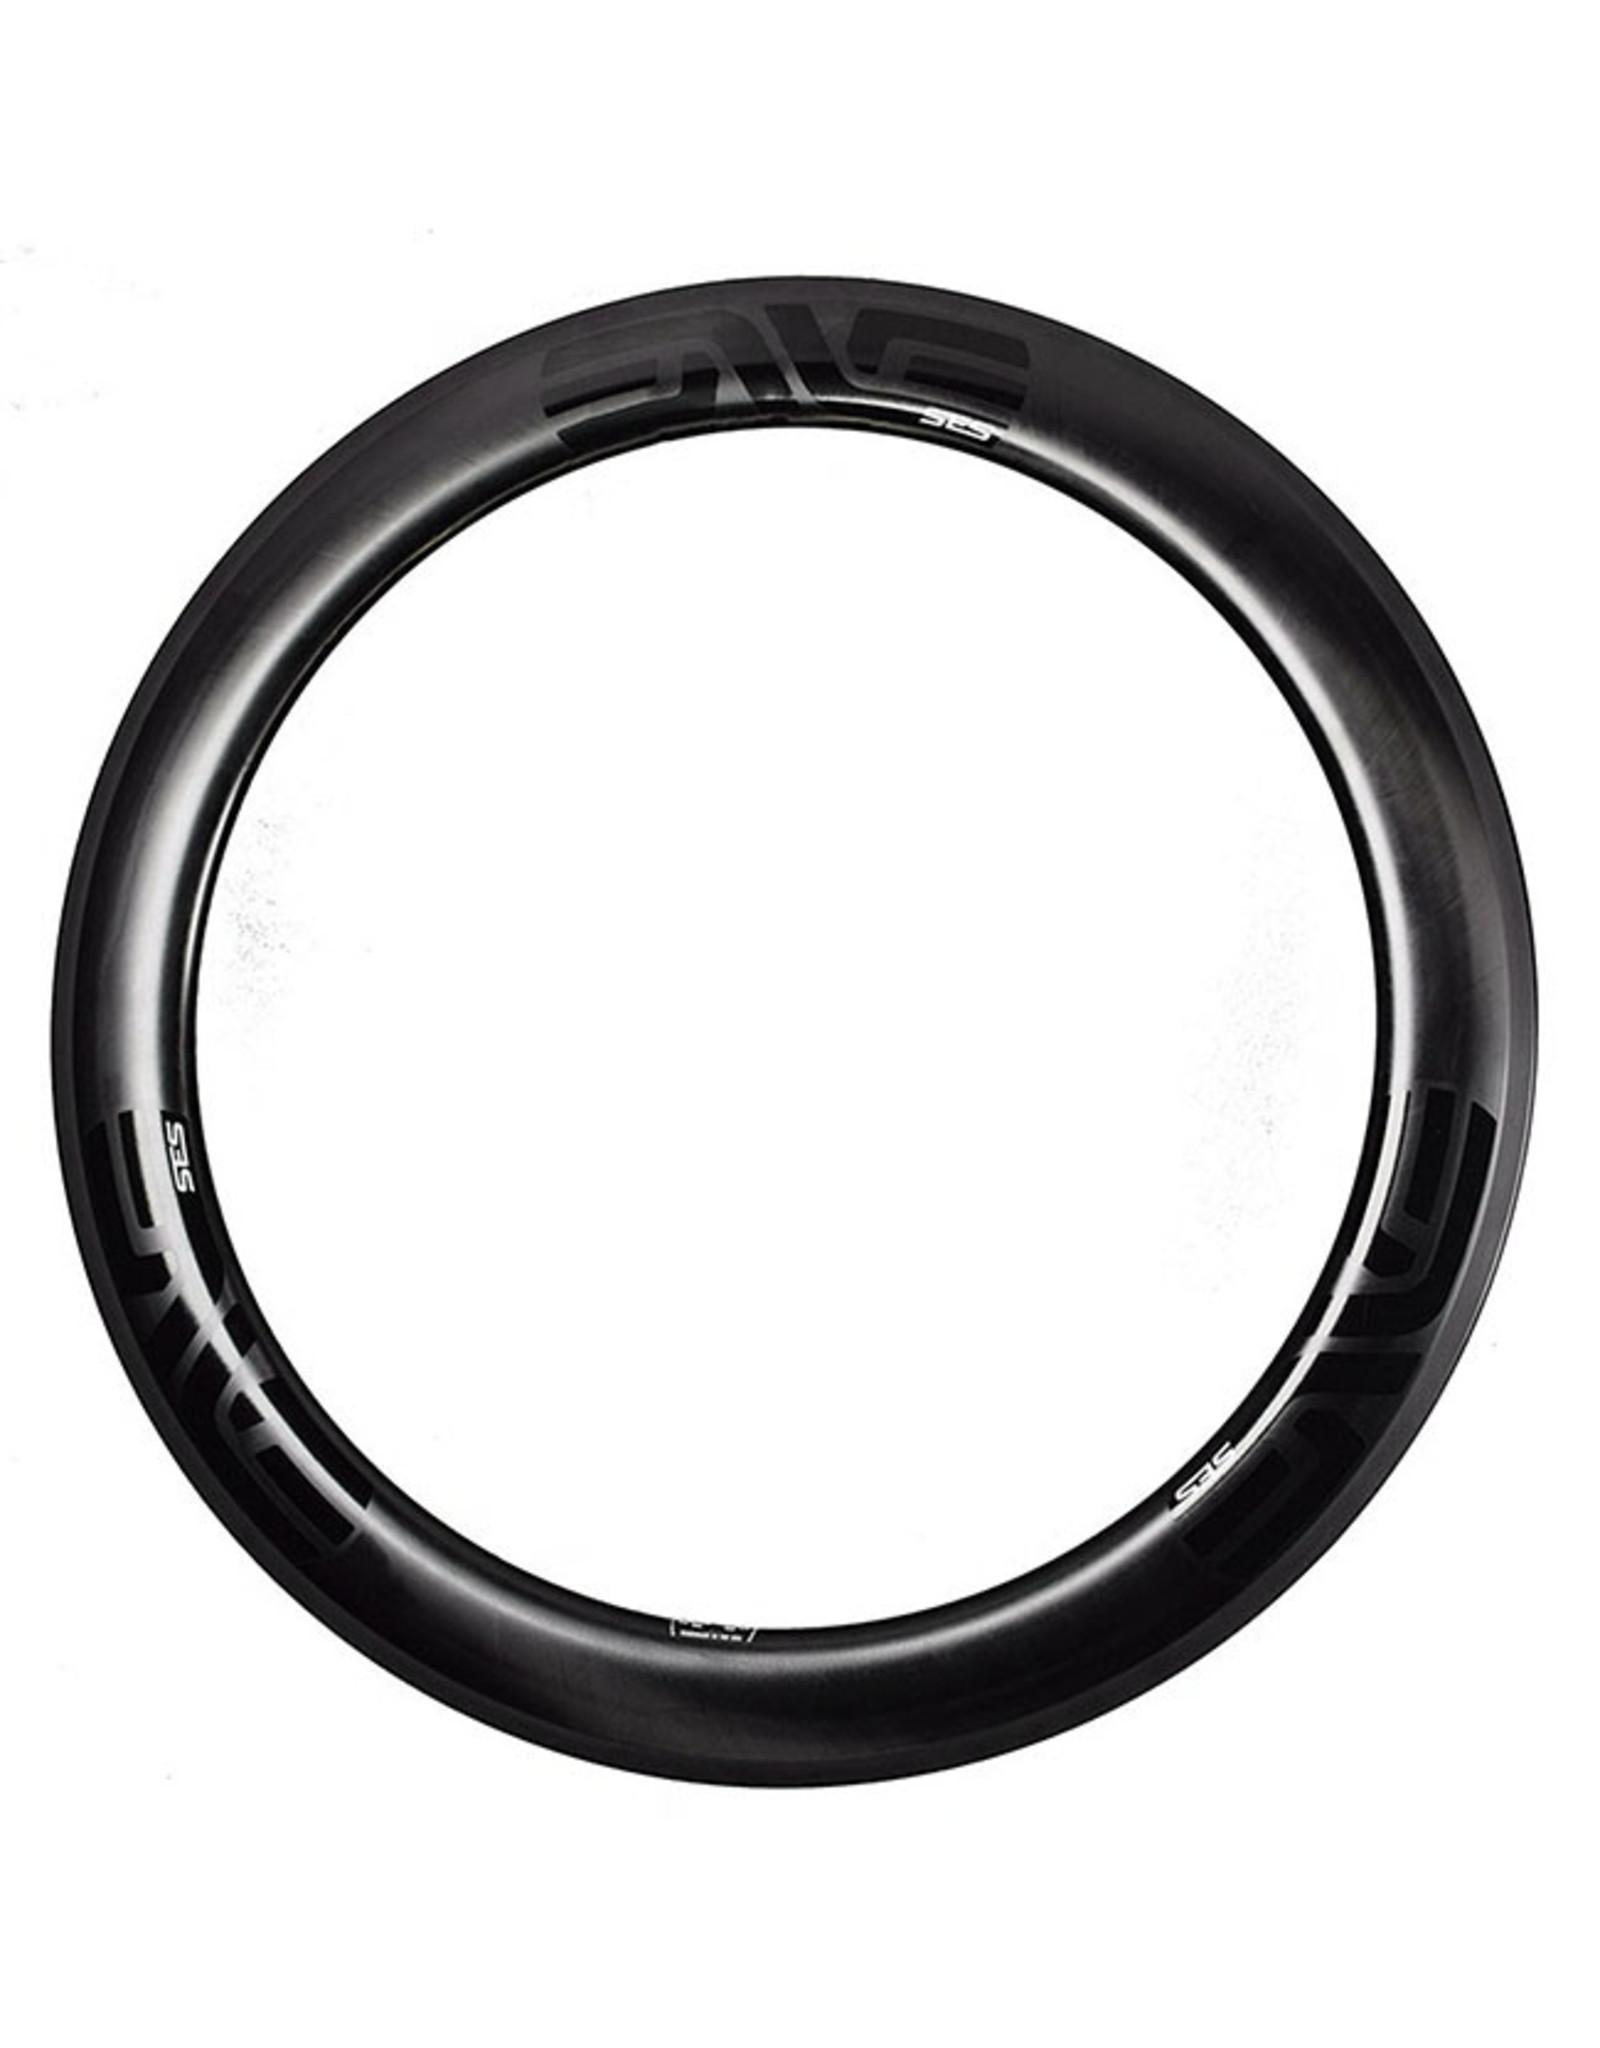 ENVE Composites ENVE 5.6 Carbon Clincher Rims